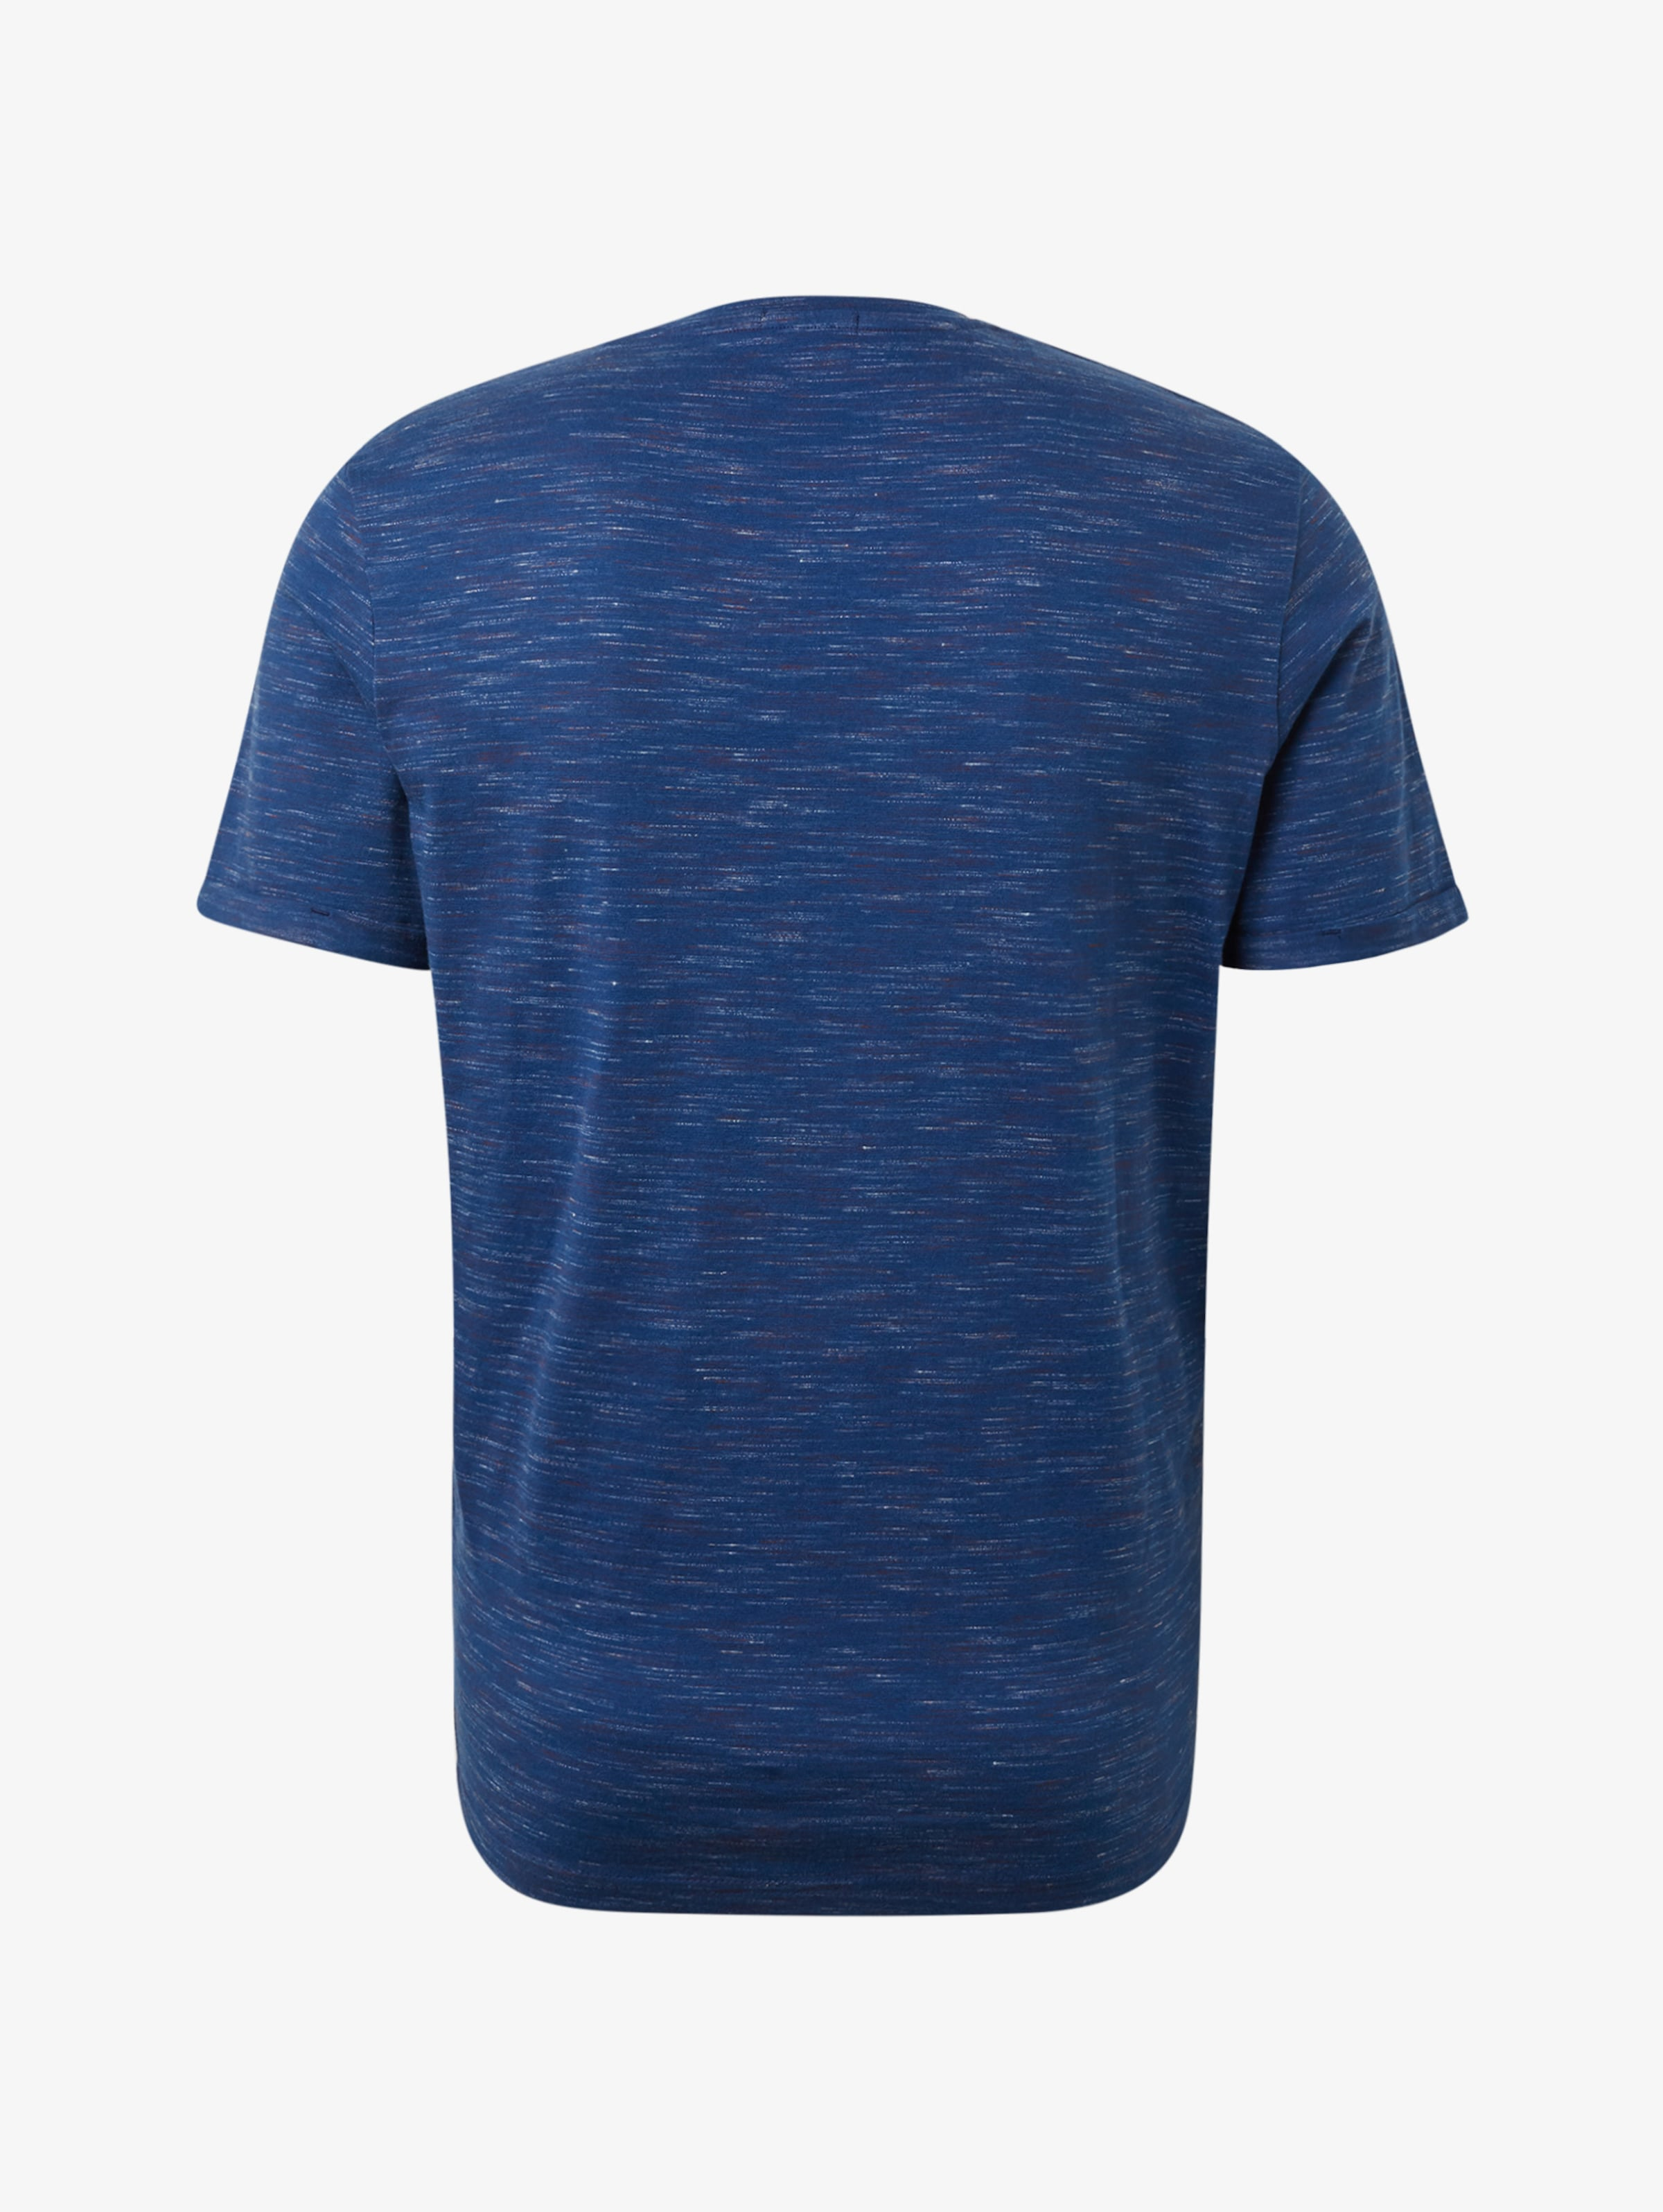 In Tailor Blaumeliert shirt T Tom nZO0P8XNwk